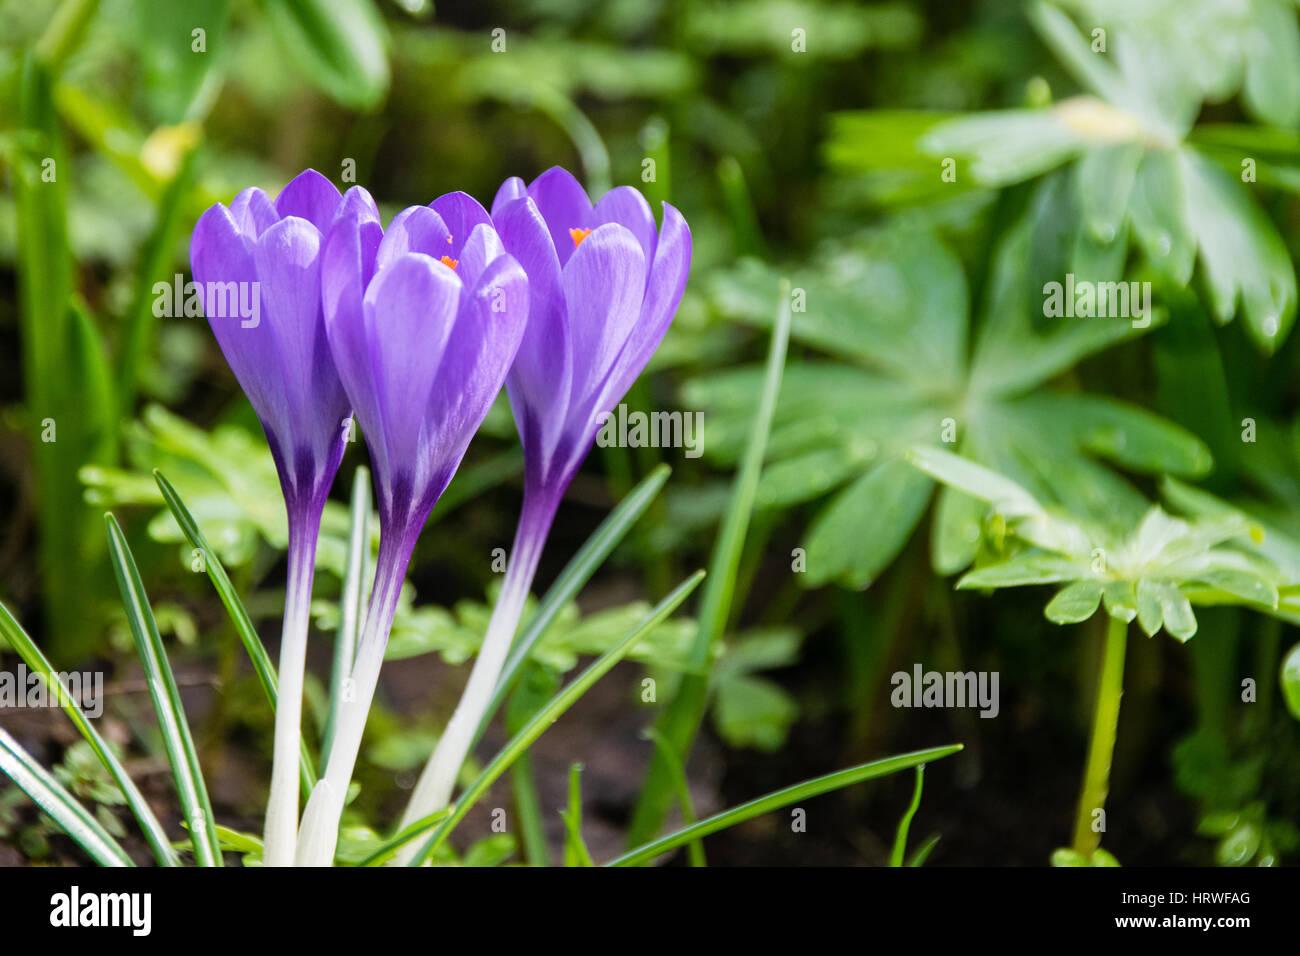 Blooming Purple Crocus Flowers In Early Spring Hertford Uk Stock